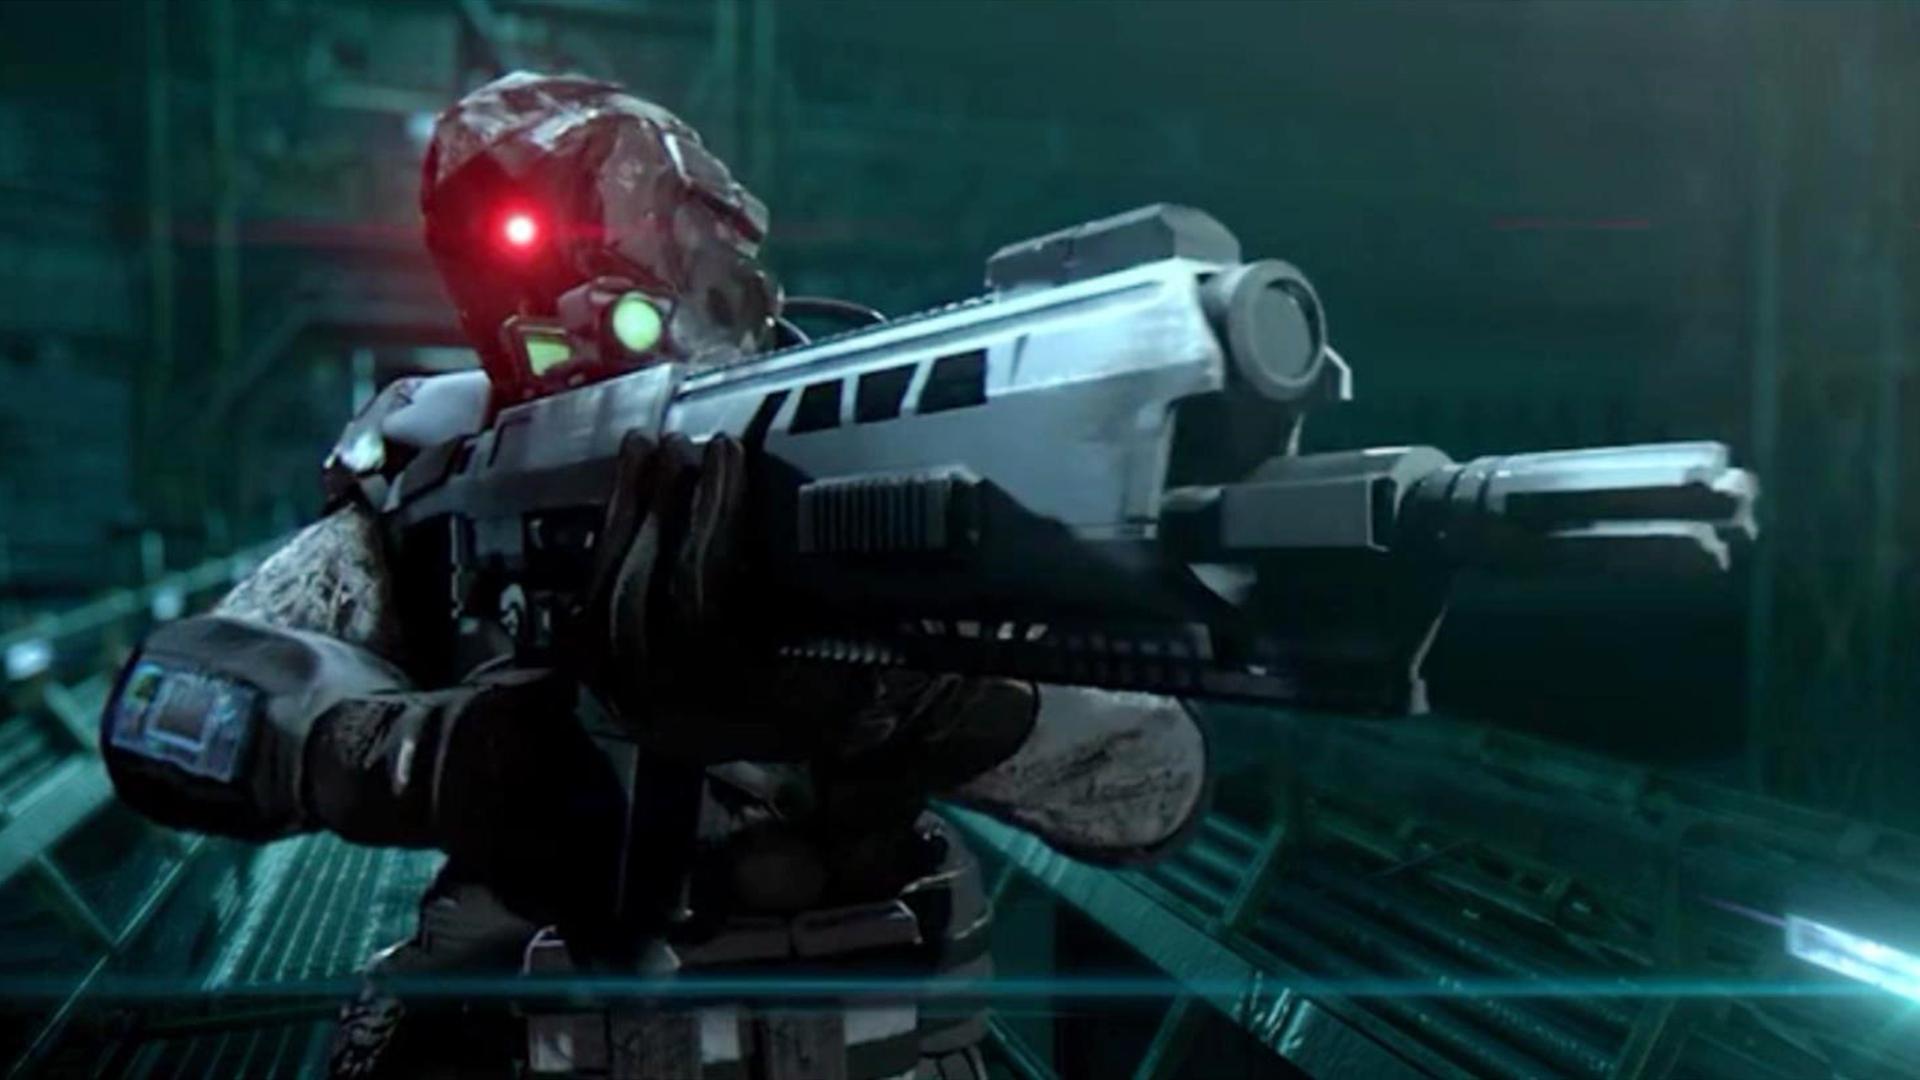 机器人大军反叛人类,成为地球新的统治者,人类处境惨不忍睹